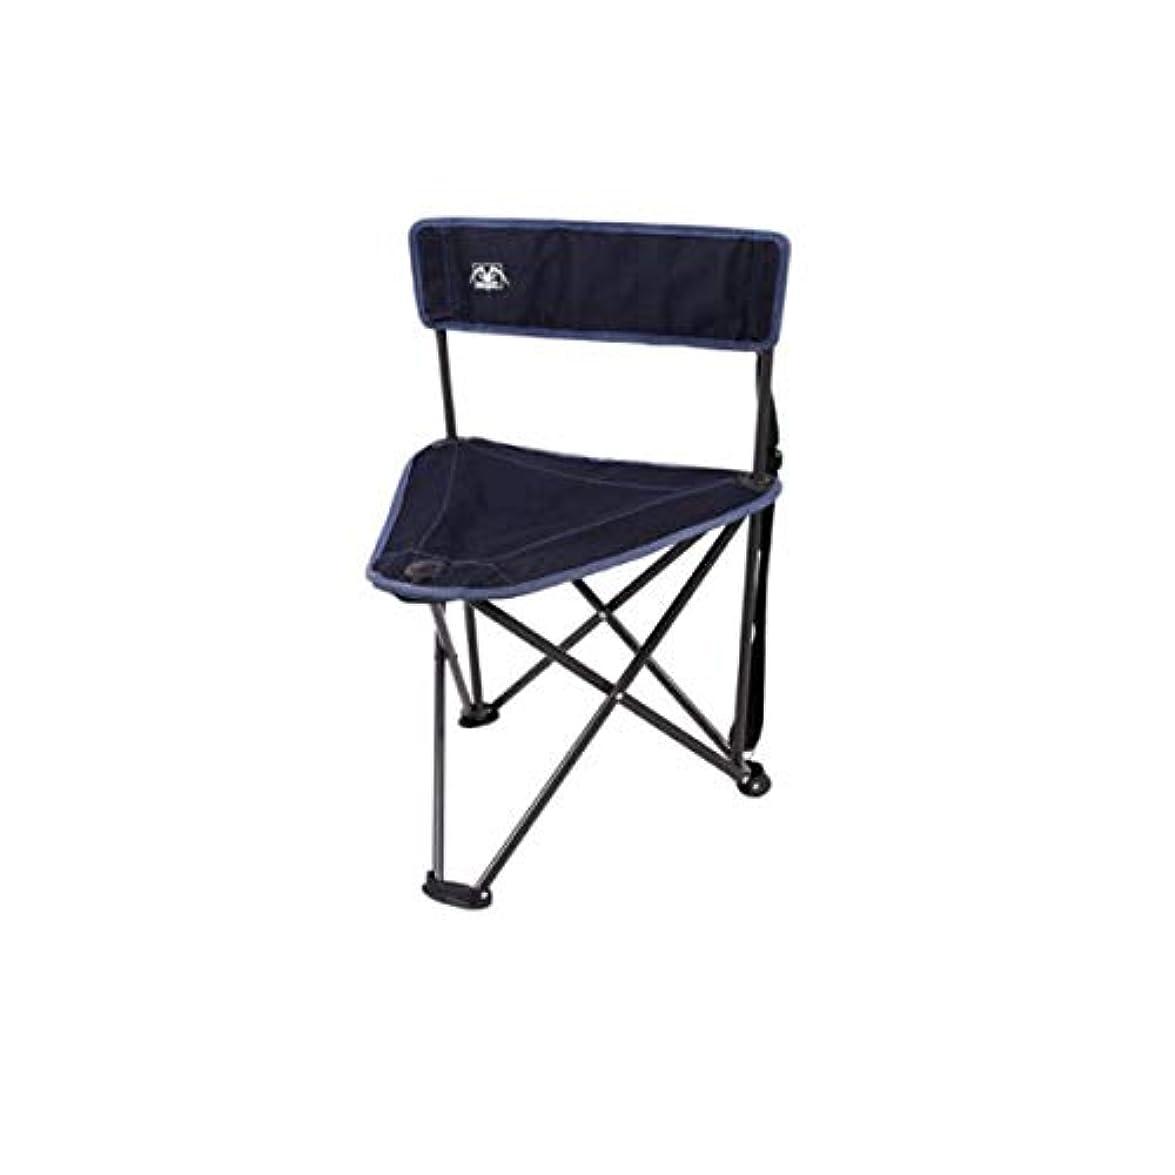 予想するフェミニンホップKEHUITONG 屋外折りたたみ椅子、ポータブル背もたれ椅子、大人用パッド入りスケッチチェア、釣り椅子、ビーチチェア、ダークブルー (Color : Blue)